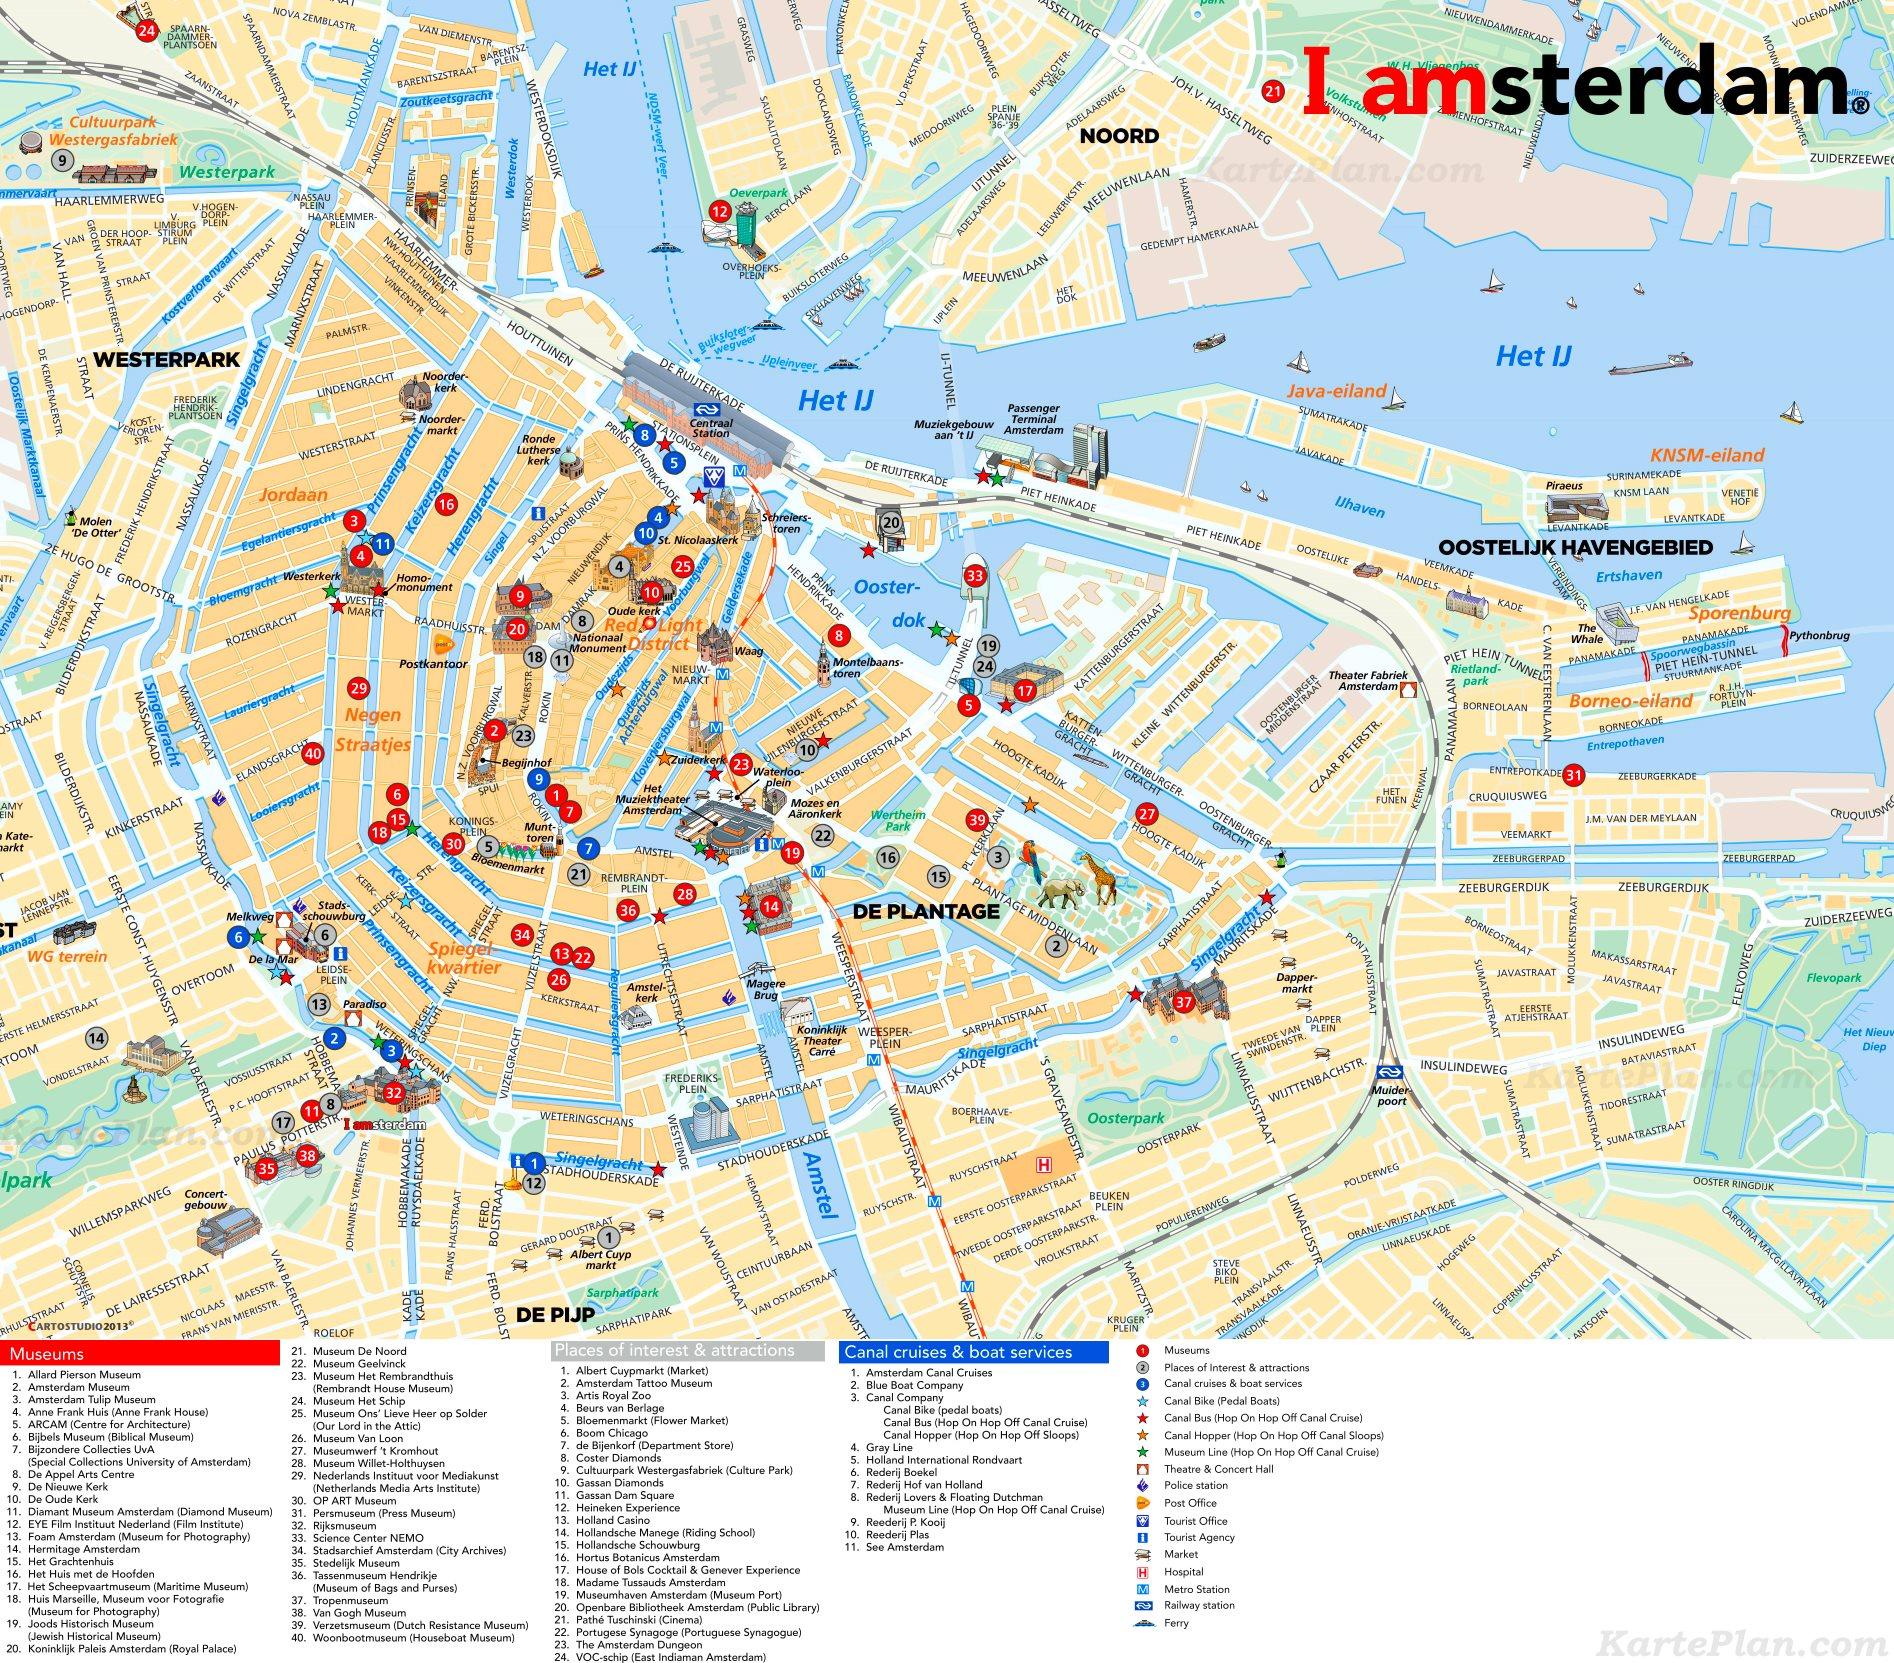 Hamburg Karte Sehenswurdigkeiten.Stadtplan Amsterdam Mit Sehenswurdigkeiten